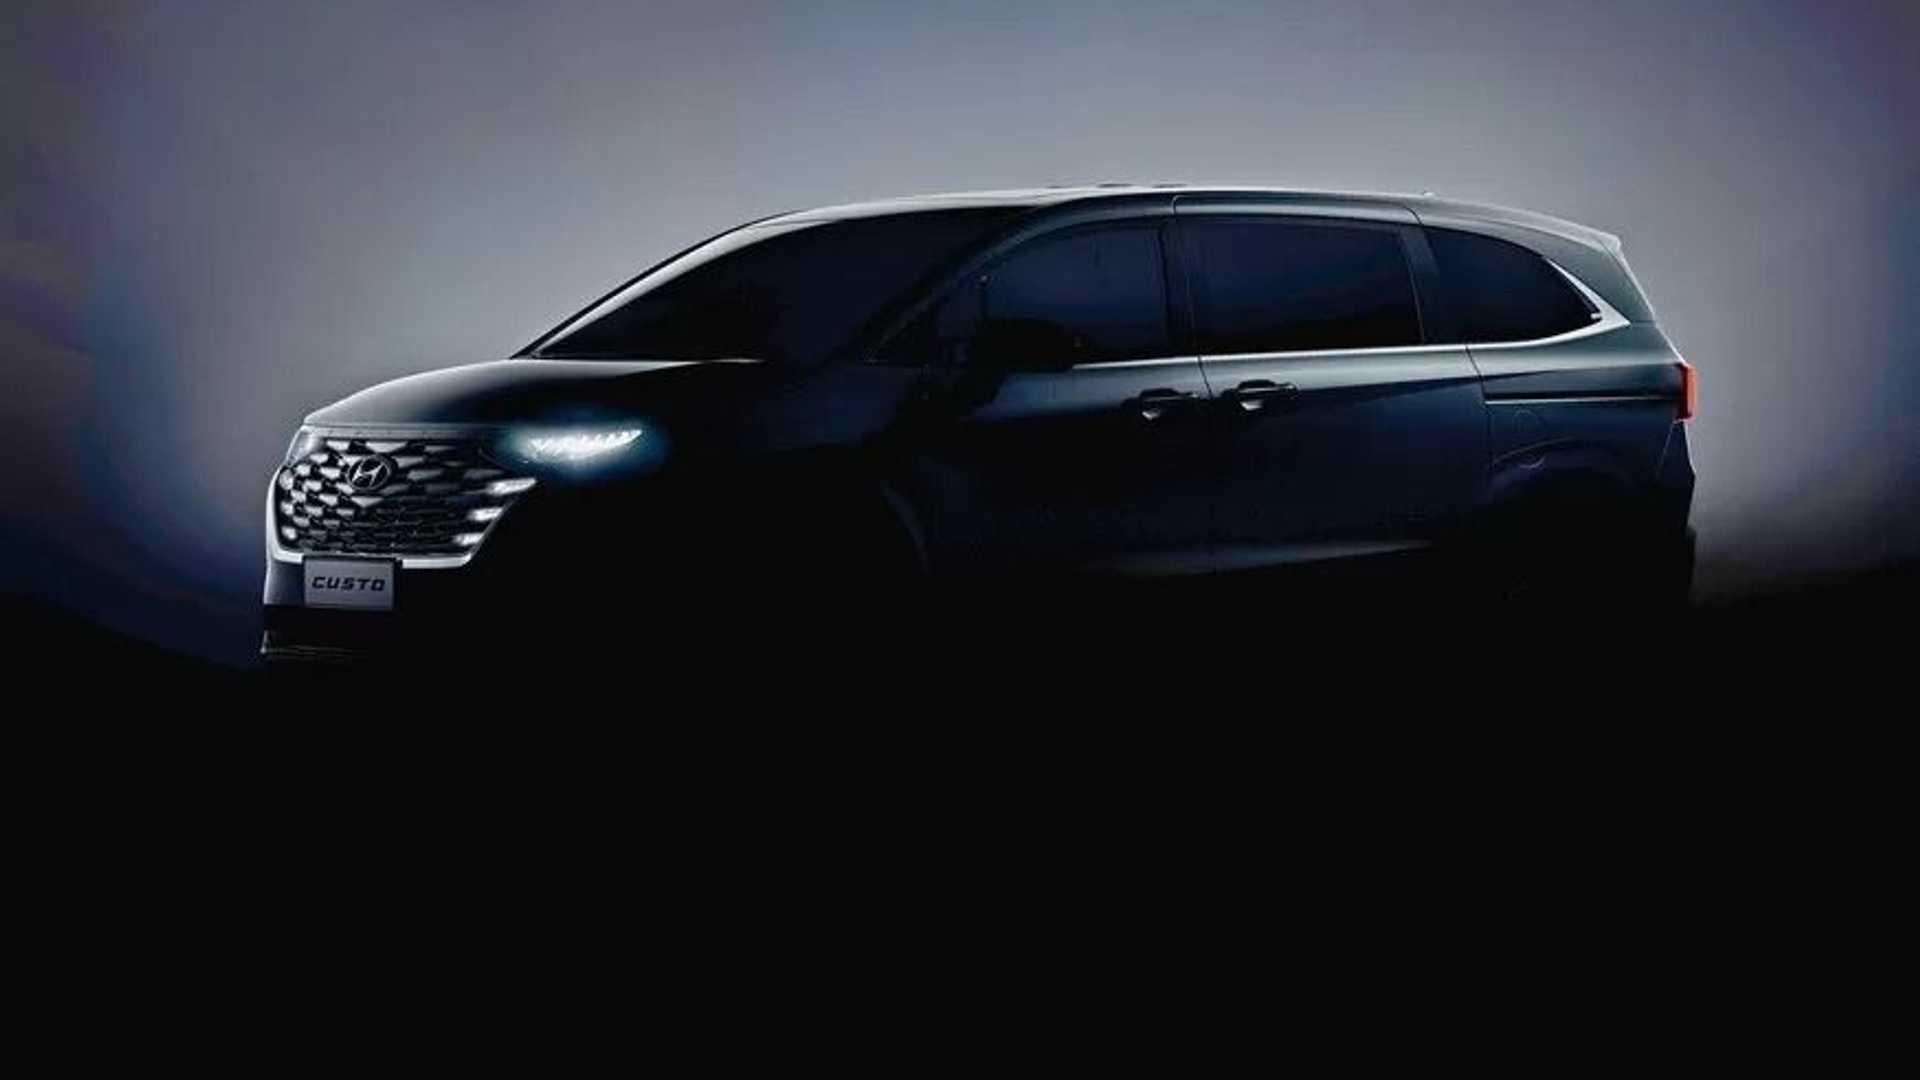 La Hyundai Tucson ispira il nuovo minivan Custo per la Cina